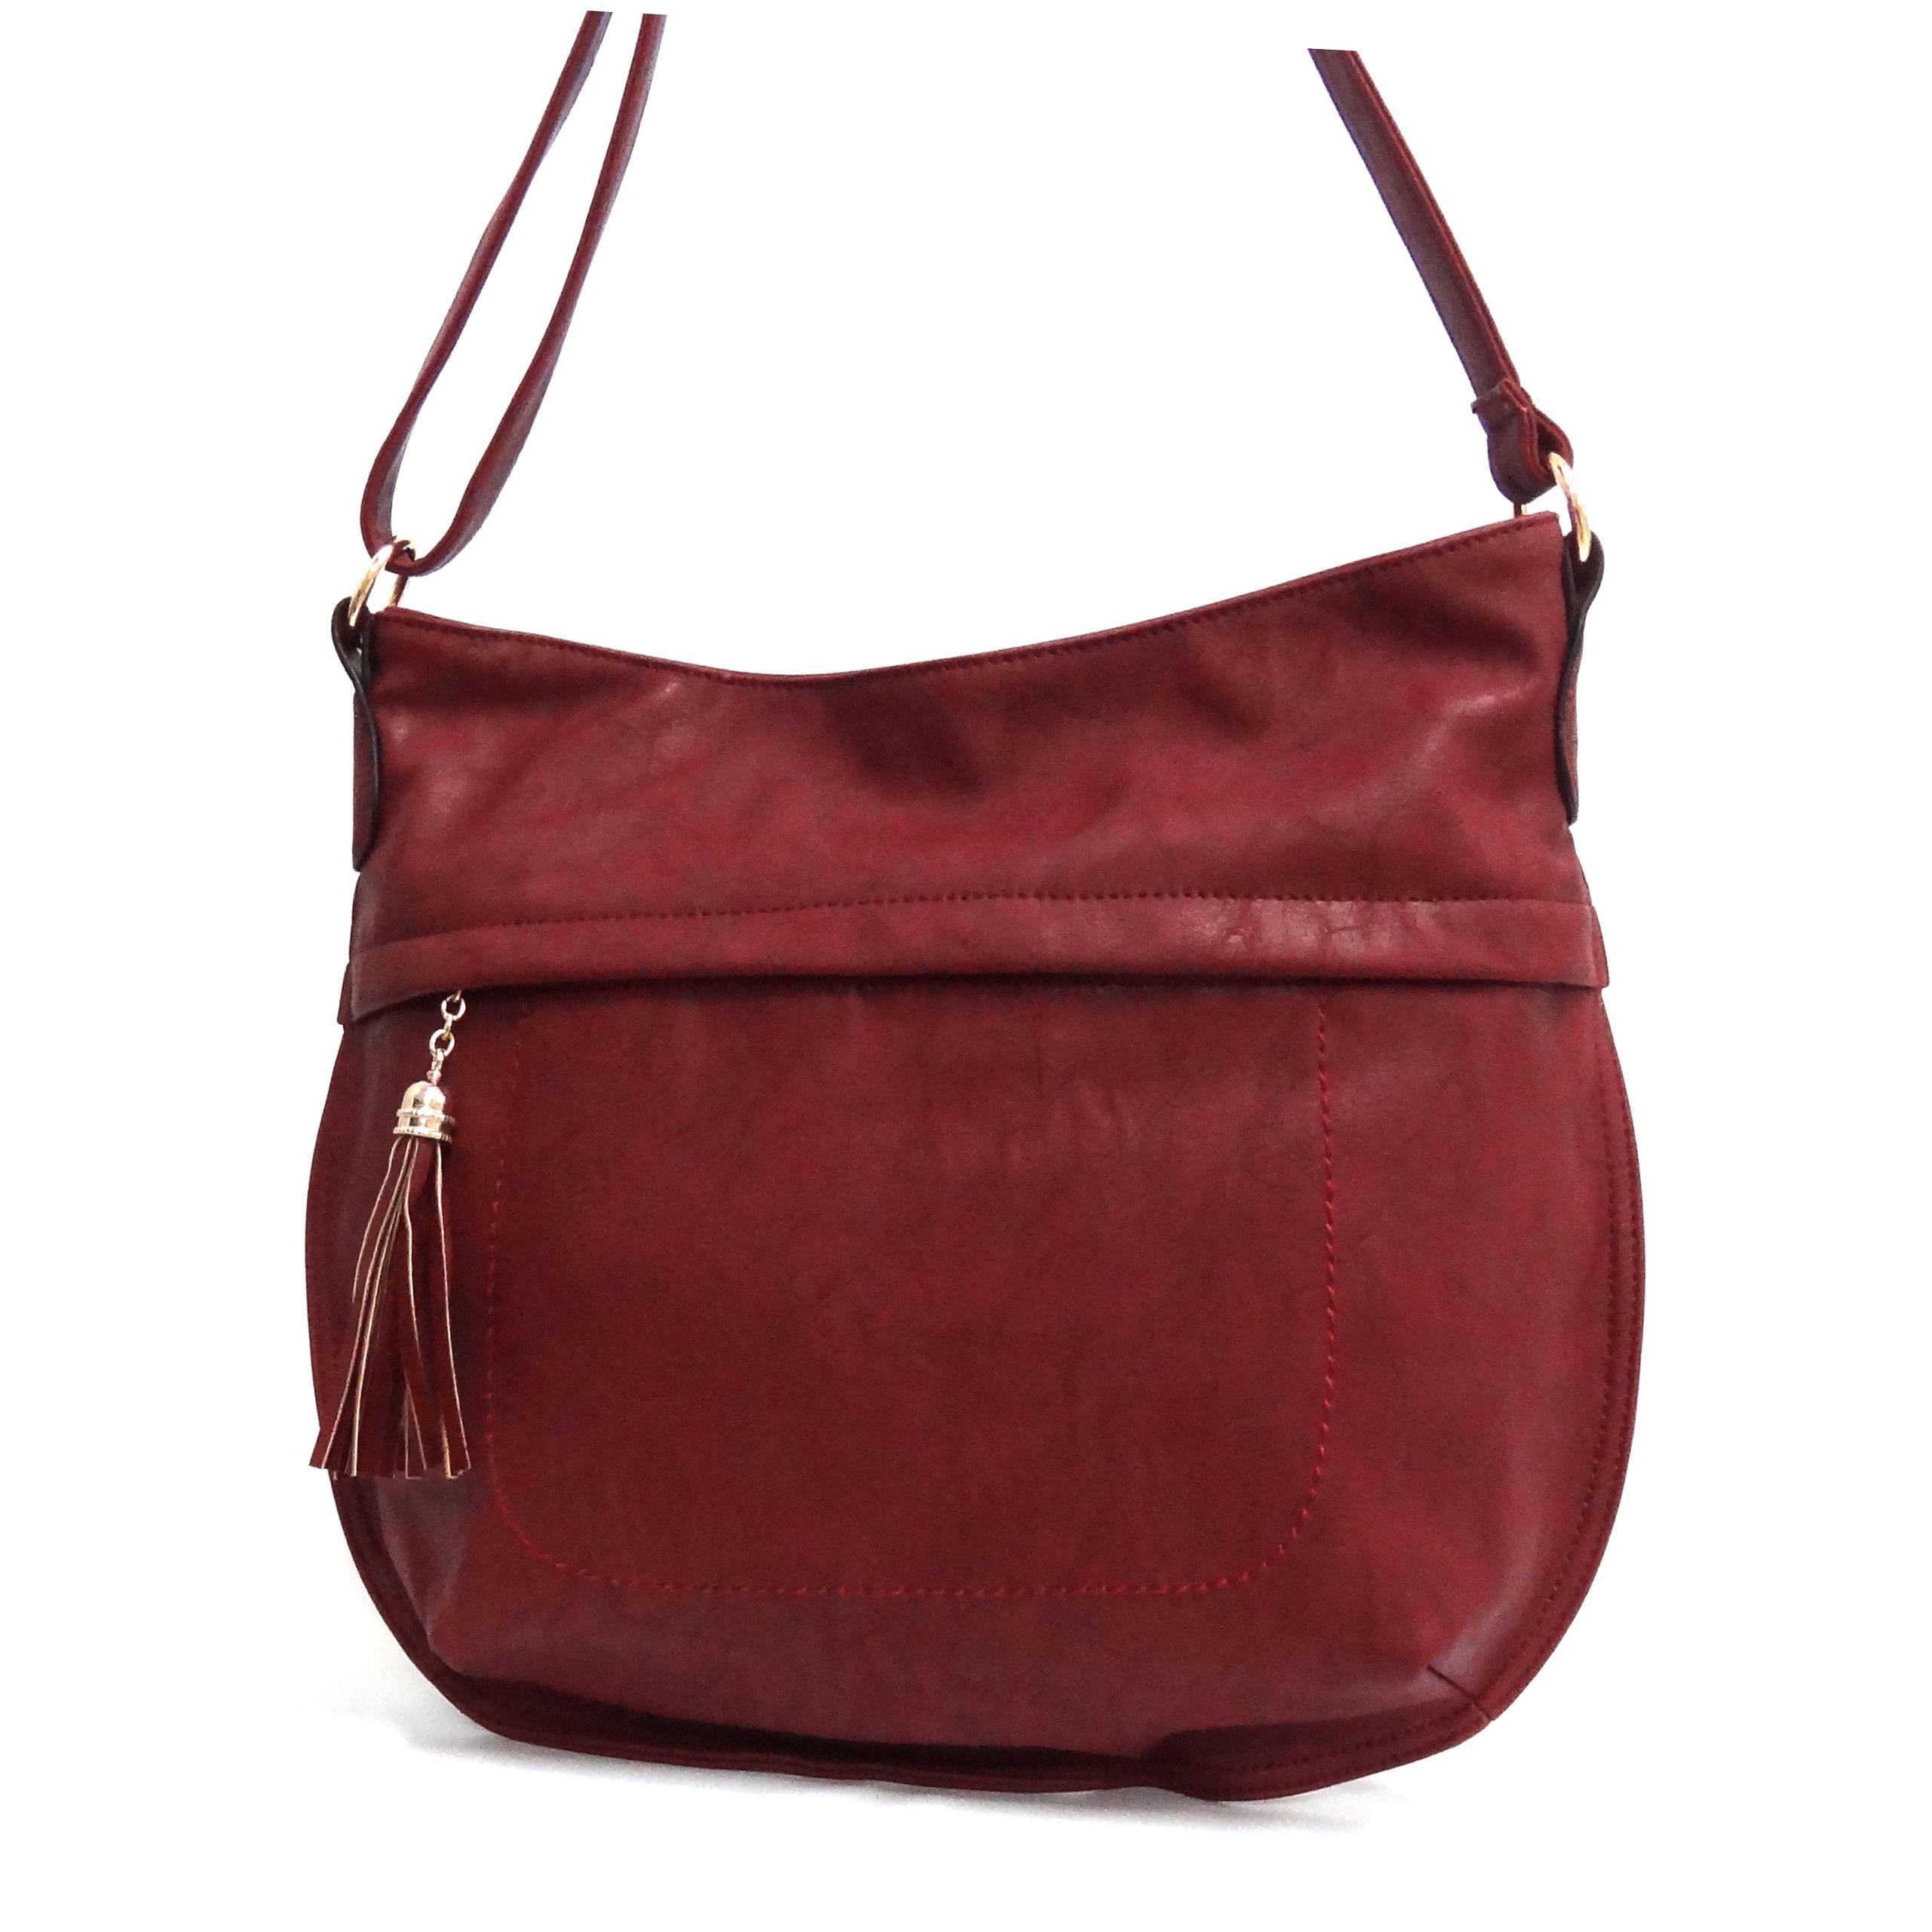 Bandolera Grande Color Rojo, de mibolsomivida.com